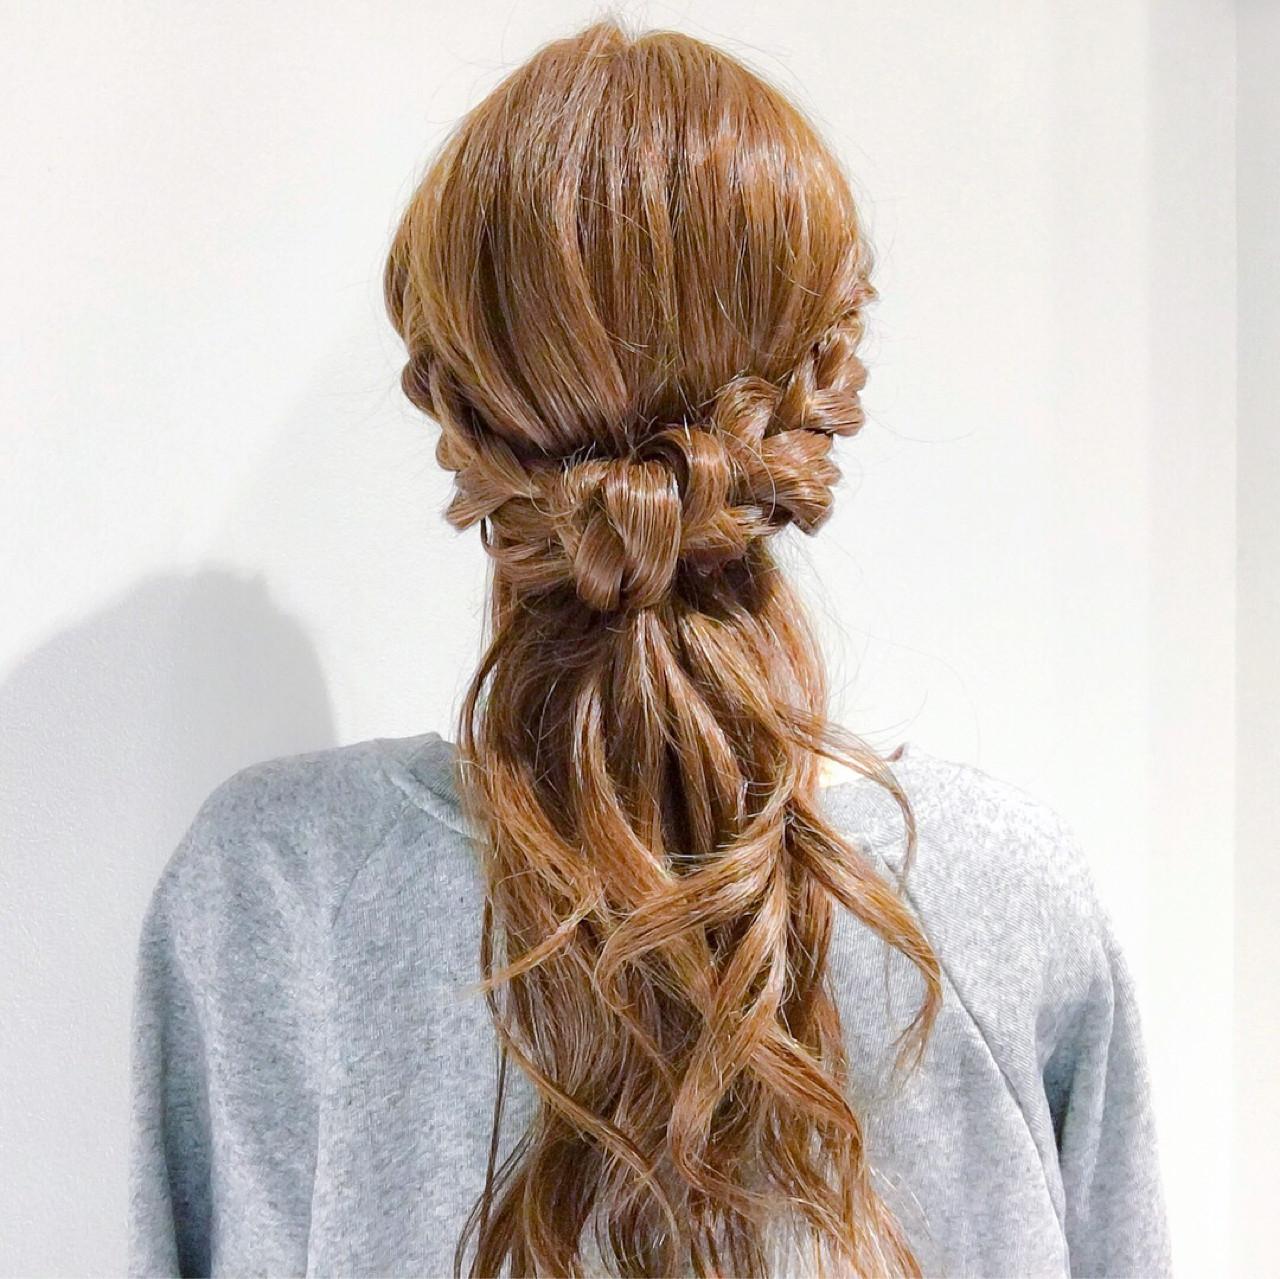 サイド三つ編みでまるで上級テク♡ヘアゴムアレンジ 美容師 HIRO | Amoute/アムティ